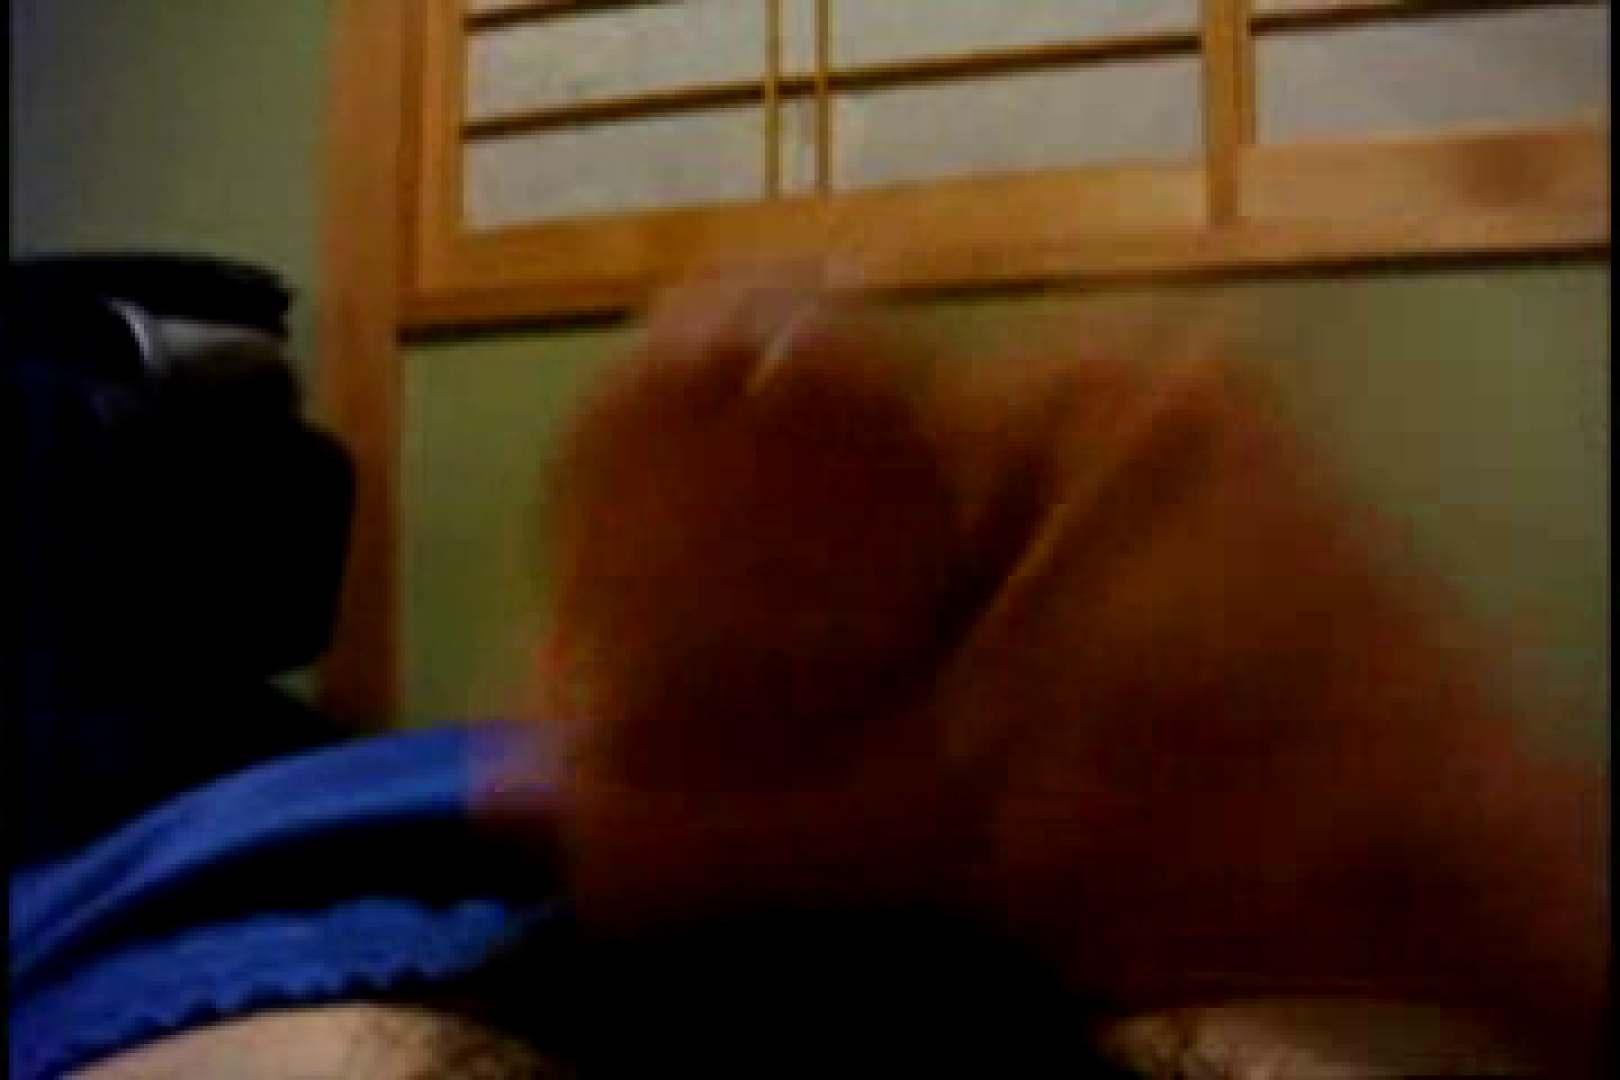 オナ好きノンケテニス部員の自画撮り投稿vol.02 無修正 ゲイエロ動画 89pic 32